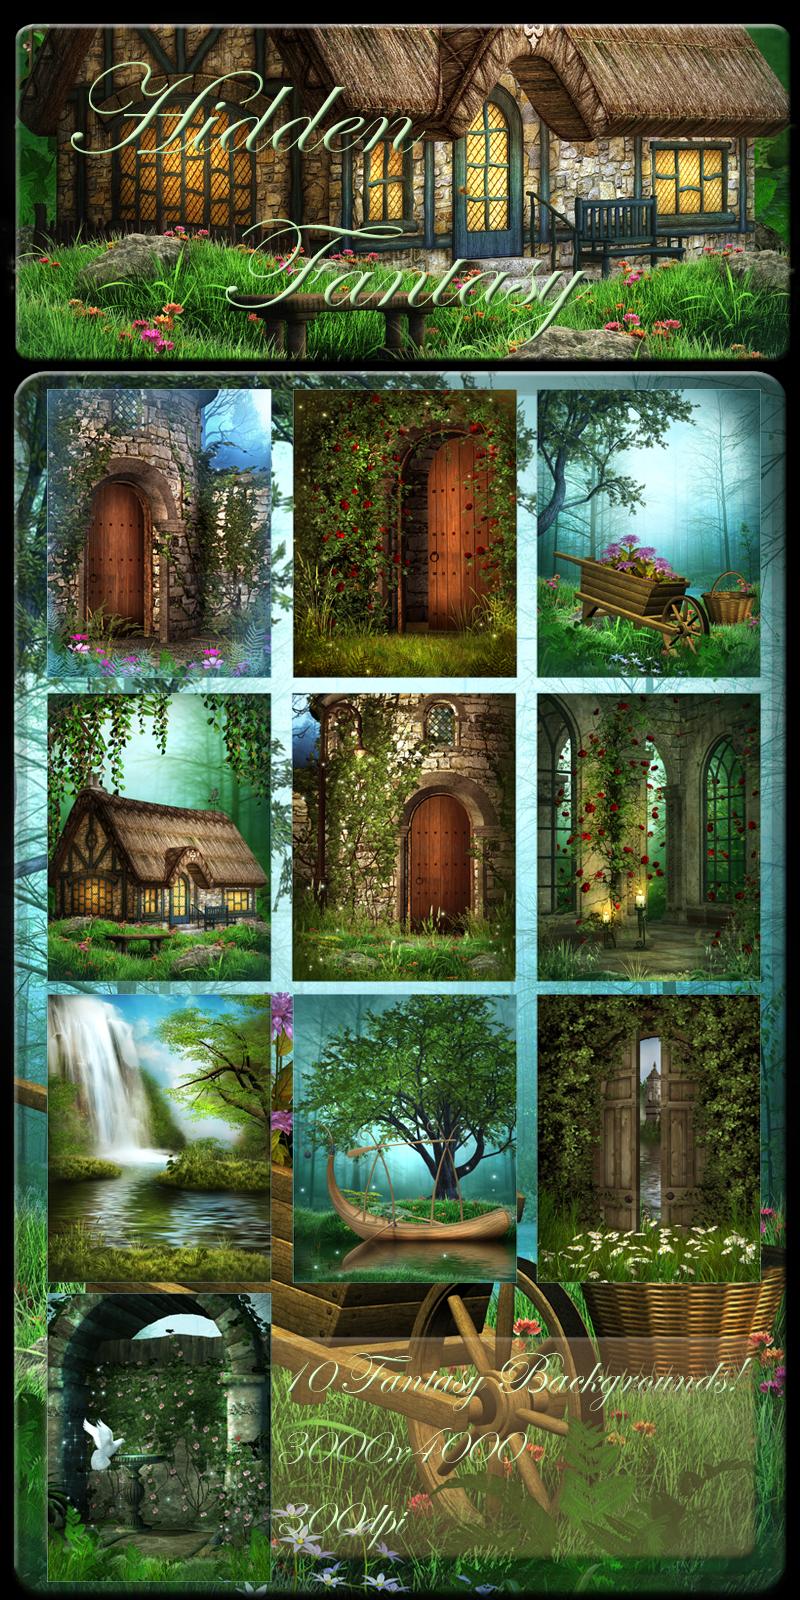 Hidden_Fantasy_cover.jpg